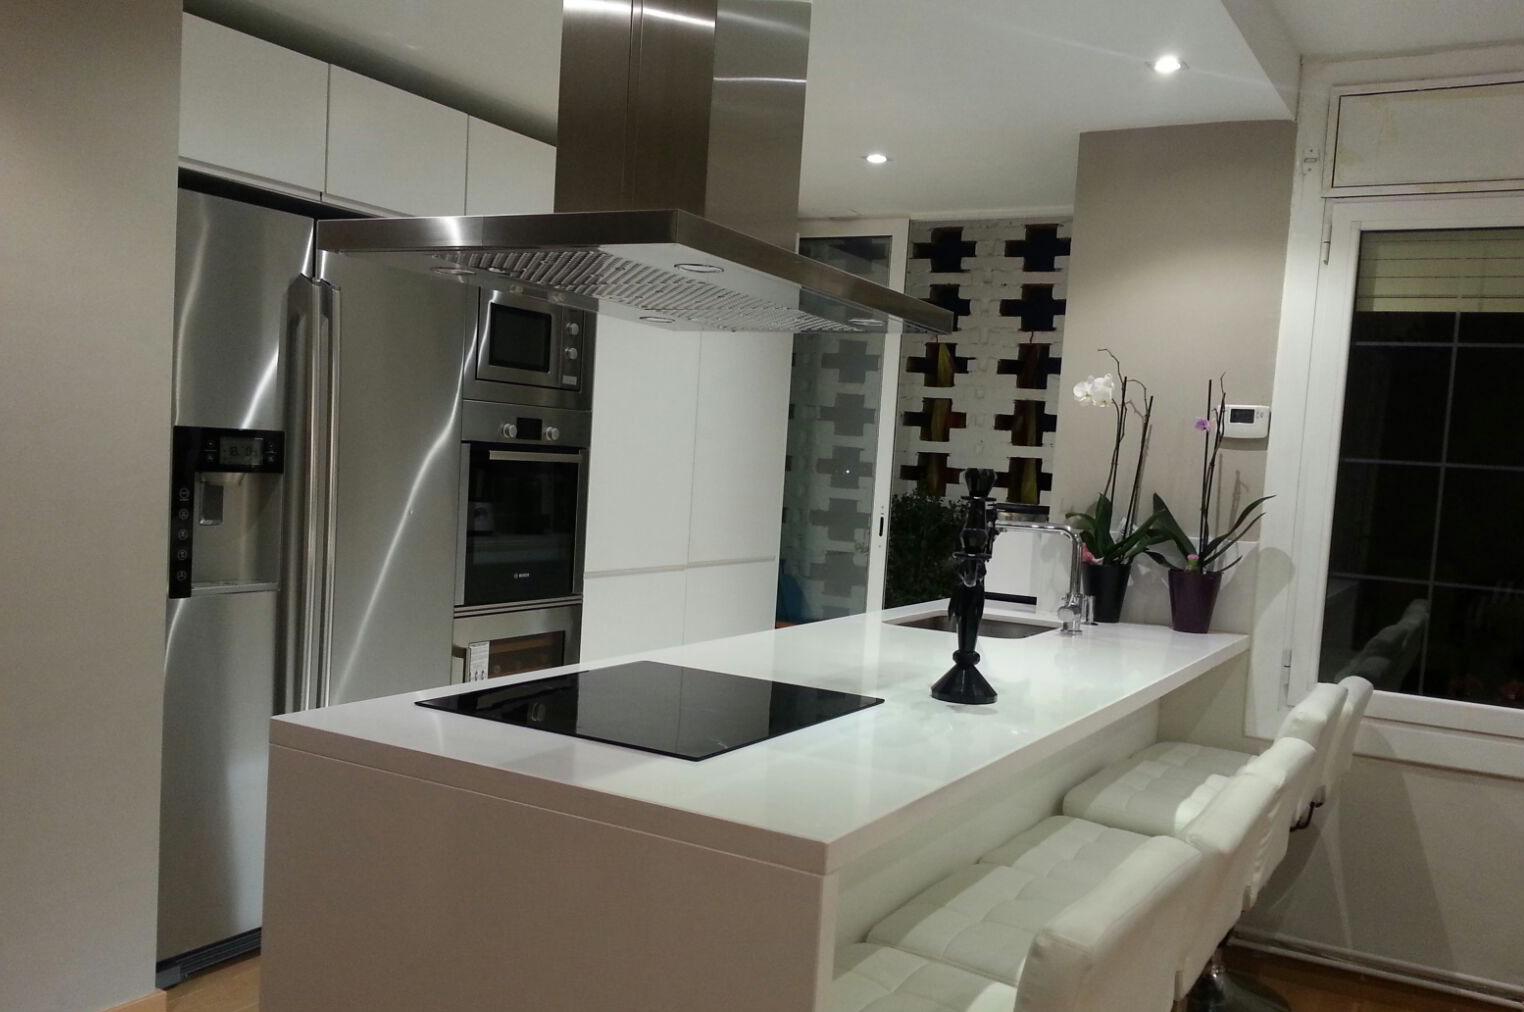 Muebles de cocina a medida lacados en blanco mb concept for Cocinas a medida